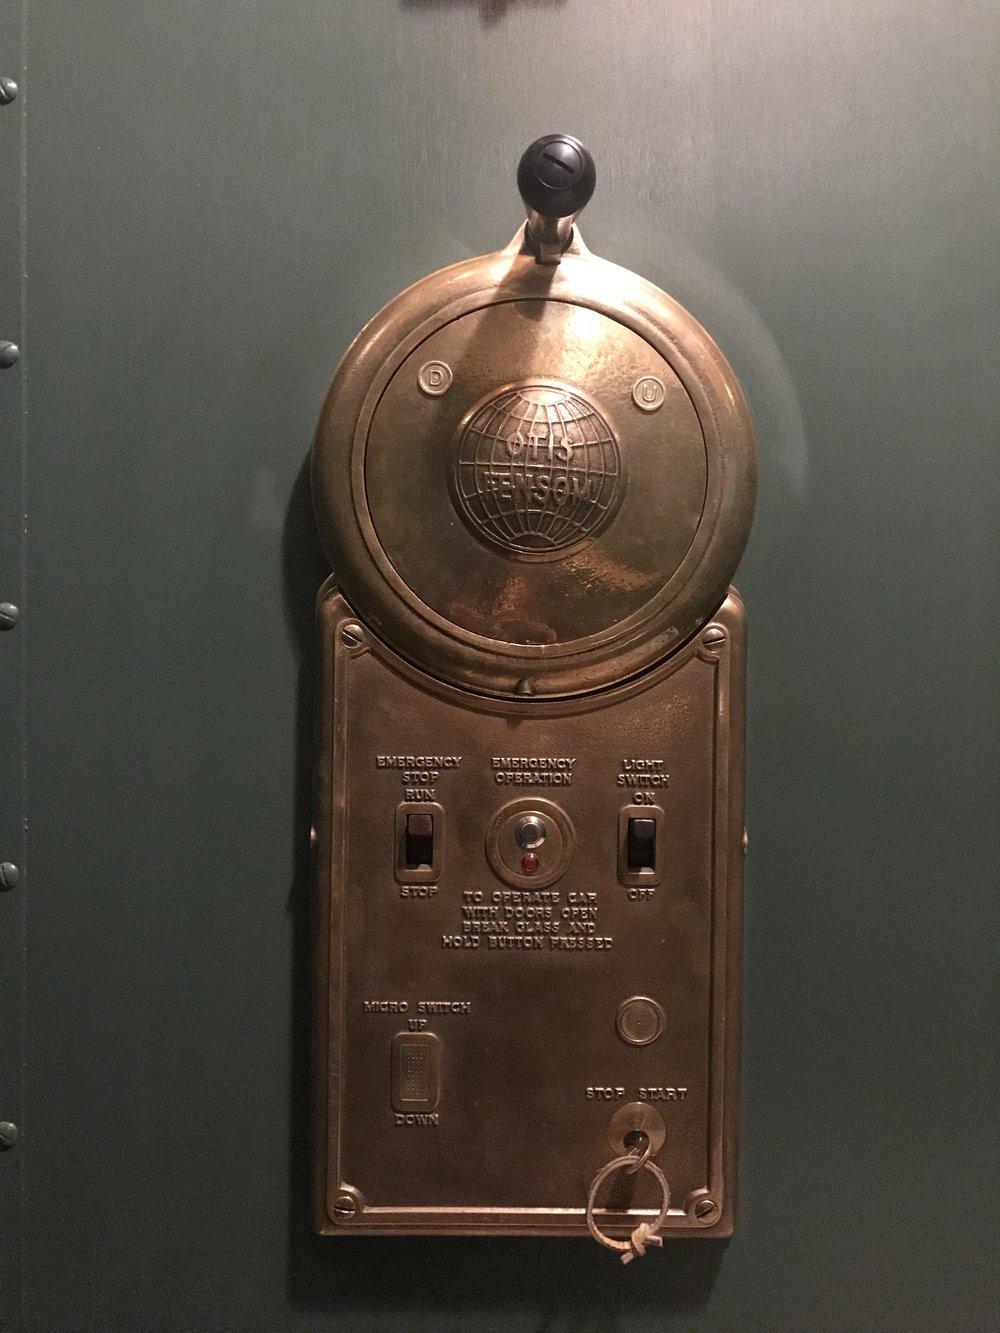 Otis Fensom Operator Switch - 1908